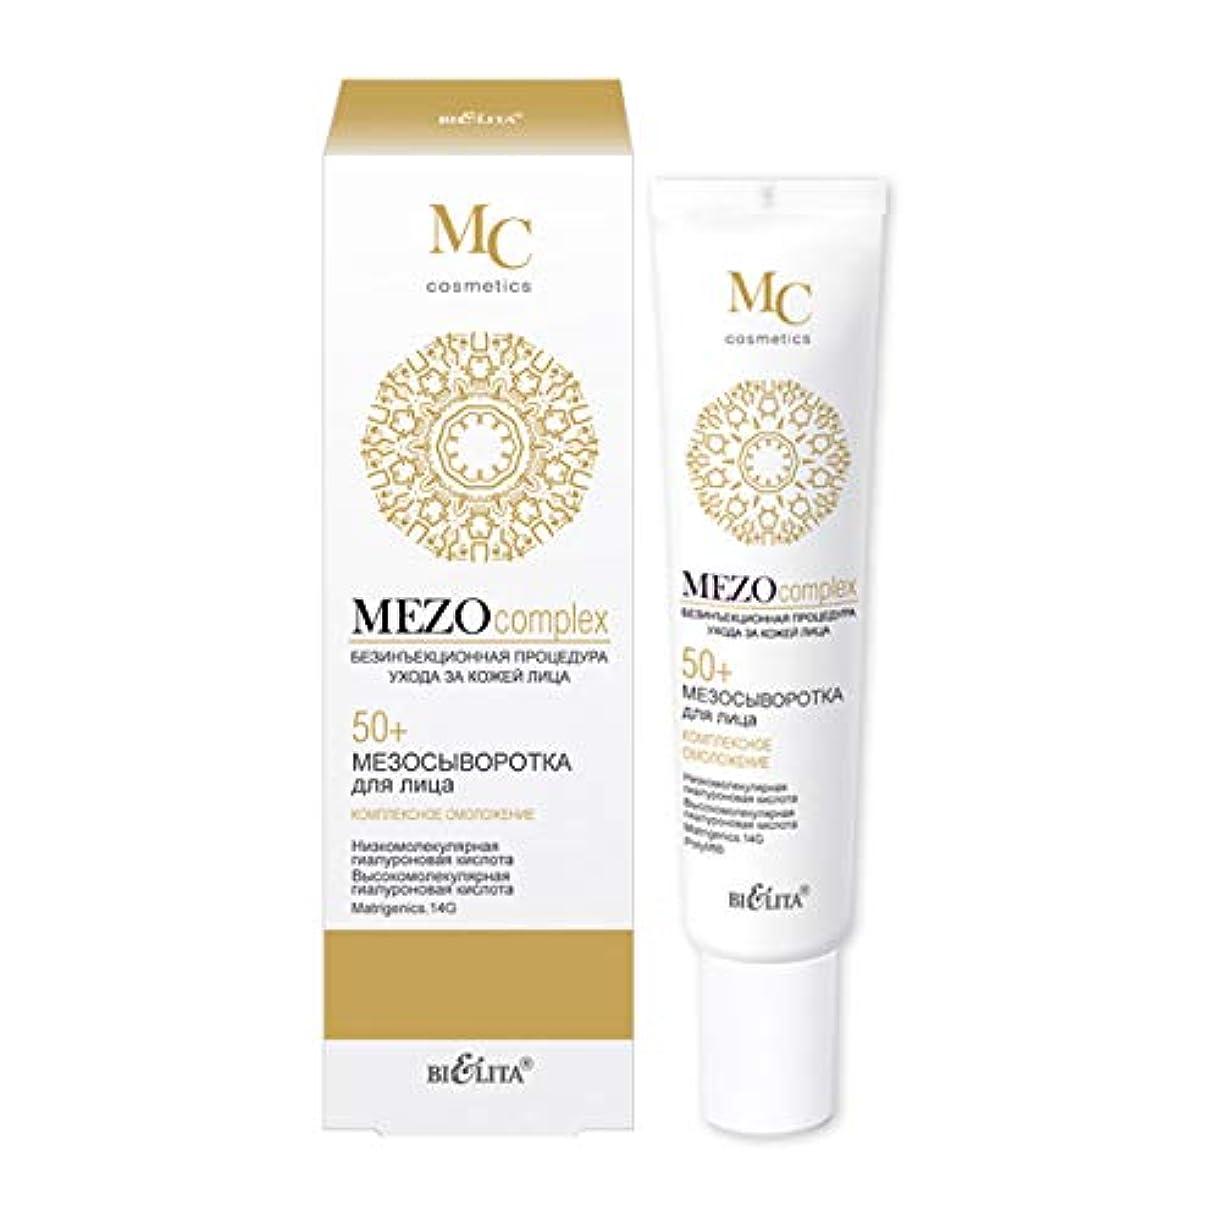 予約呪われた仕事Mezo complex | Mezo Serum Complex 50+ | Non-injection facial skin care procedure | Hyaluronic acid | Matrigenics...